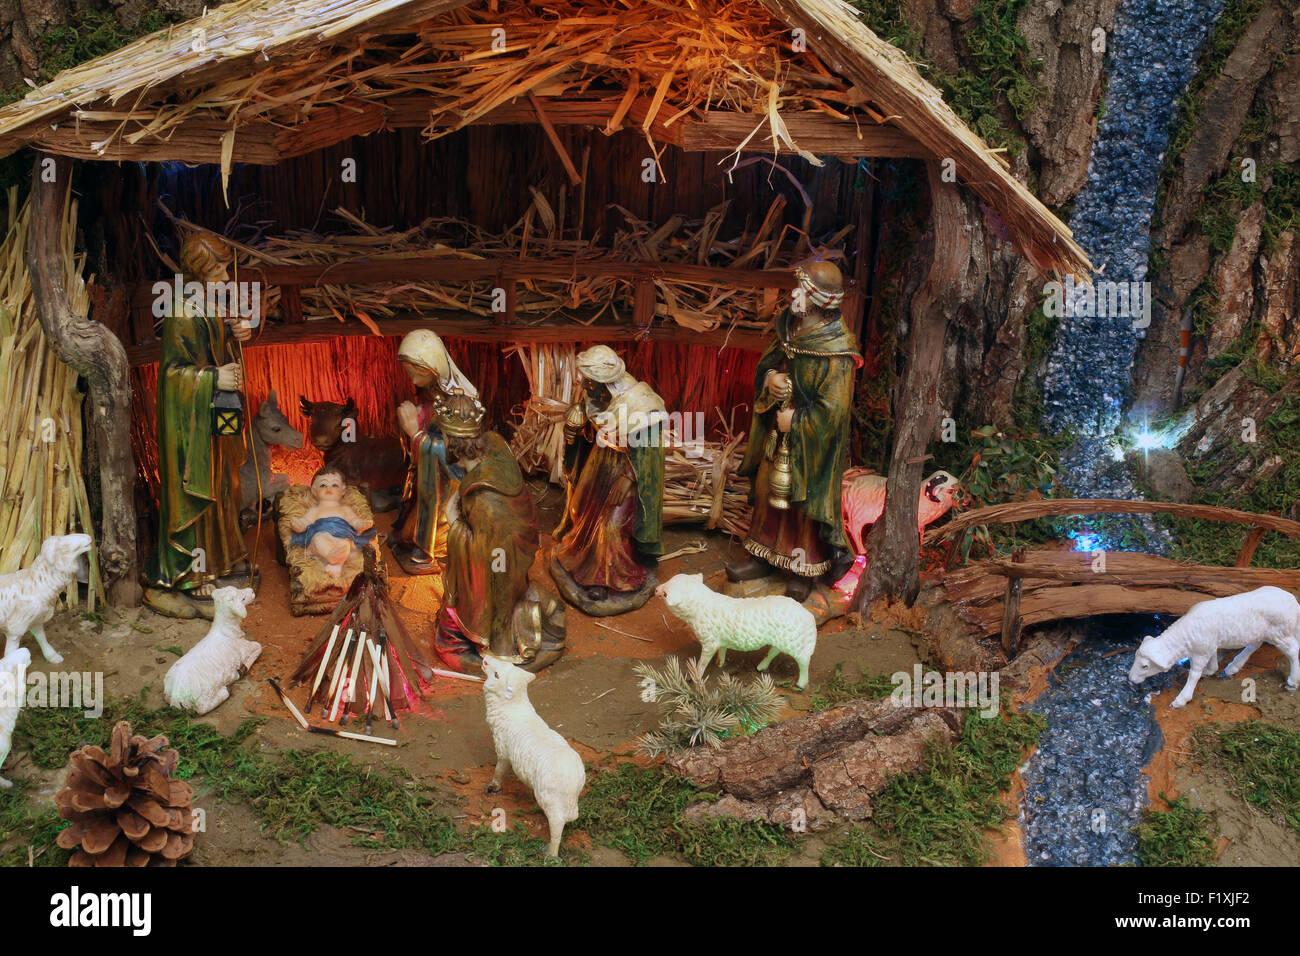 ea5c124399cdb Los pesebres navideños Foto   Imagen De Stock  87251782 - Alamy